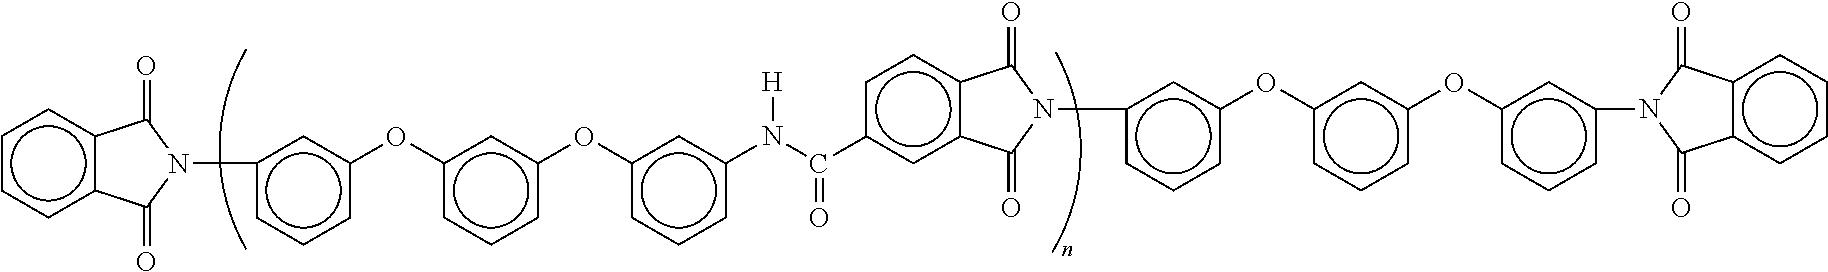 Figure US07935780-20110503-C00019